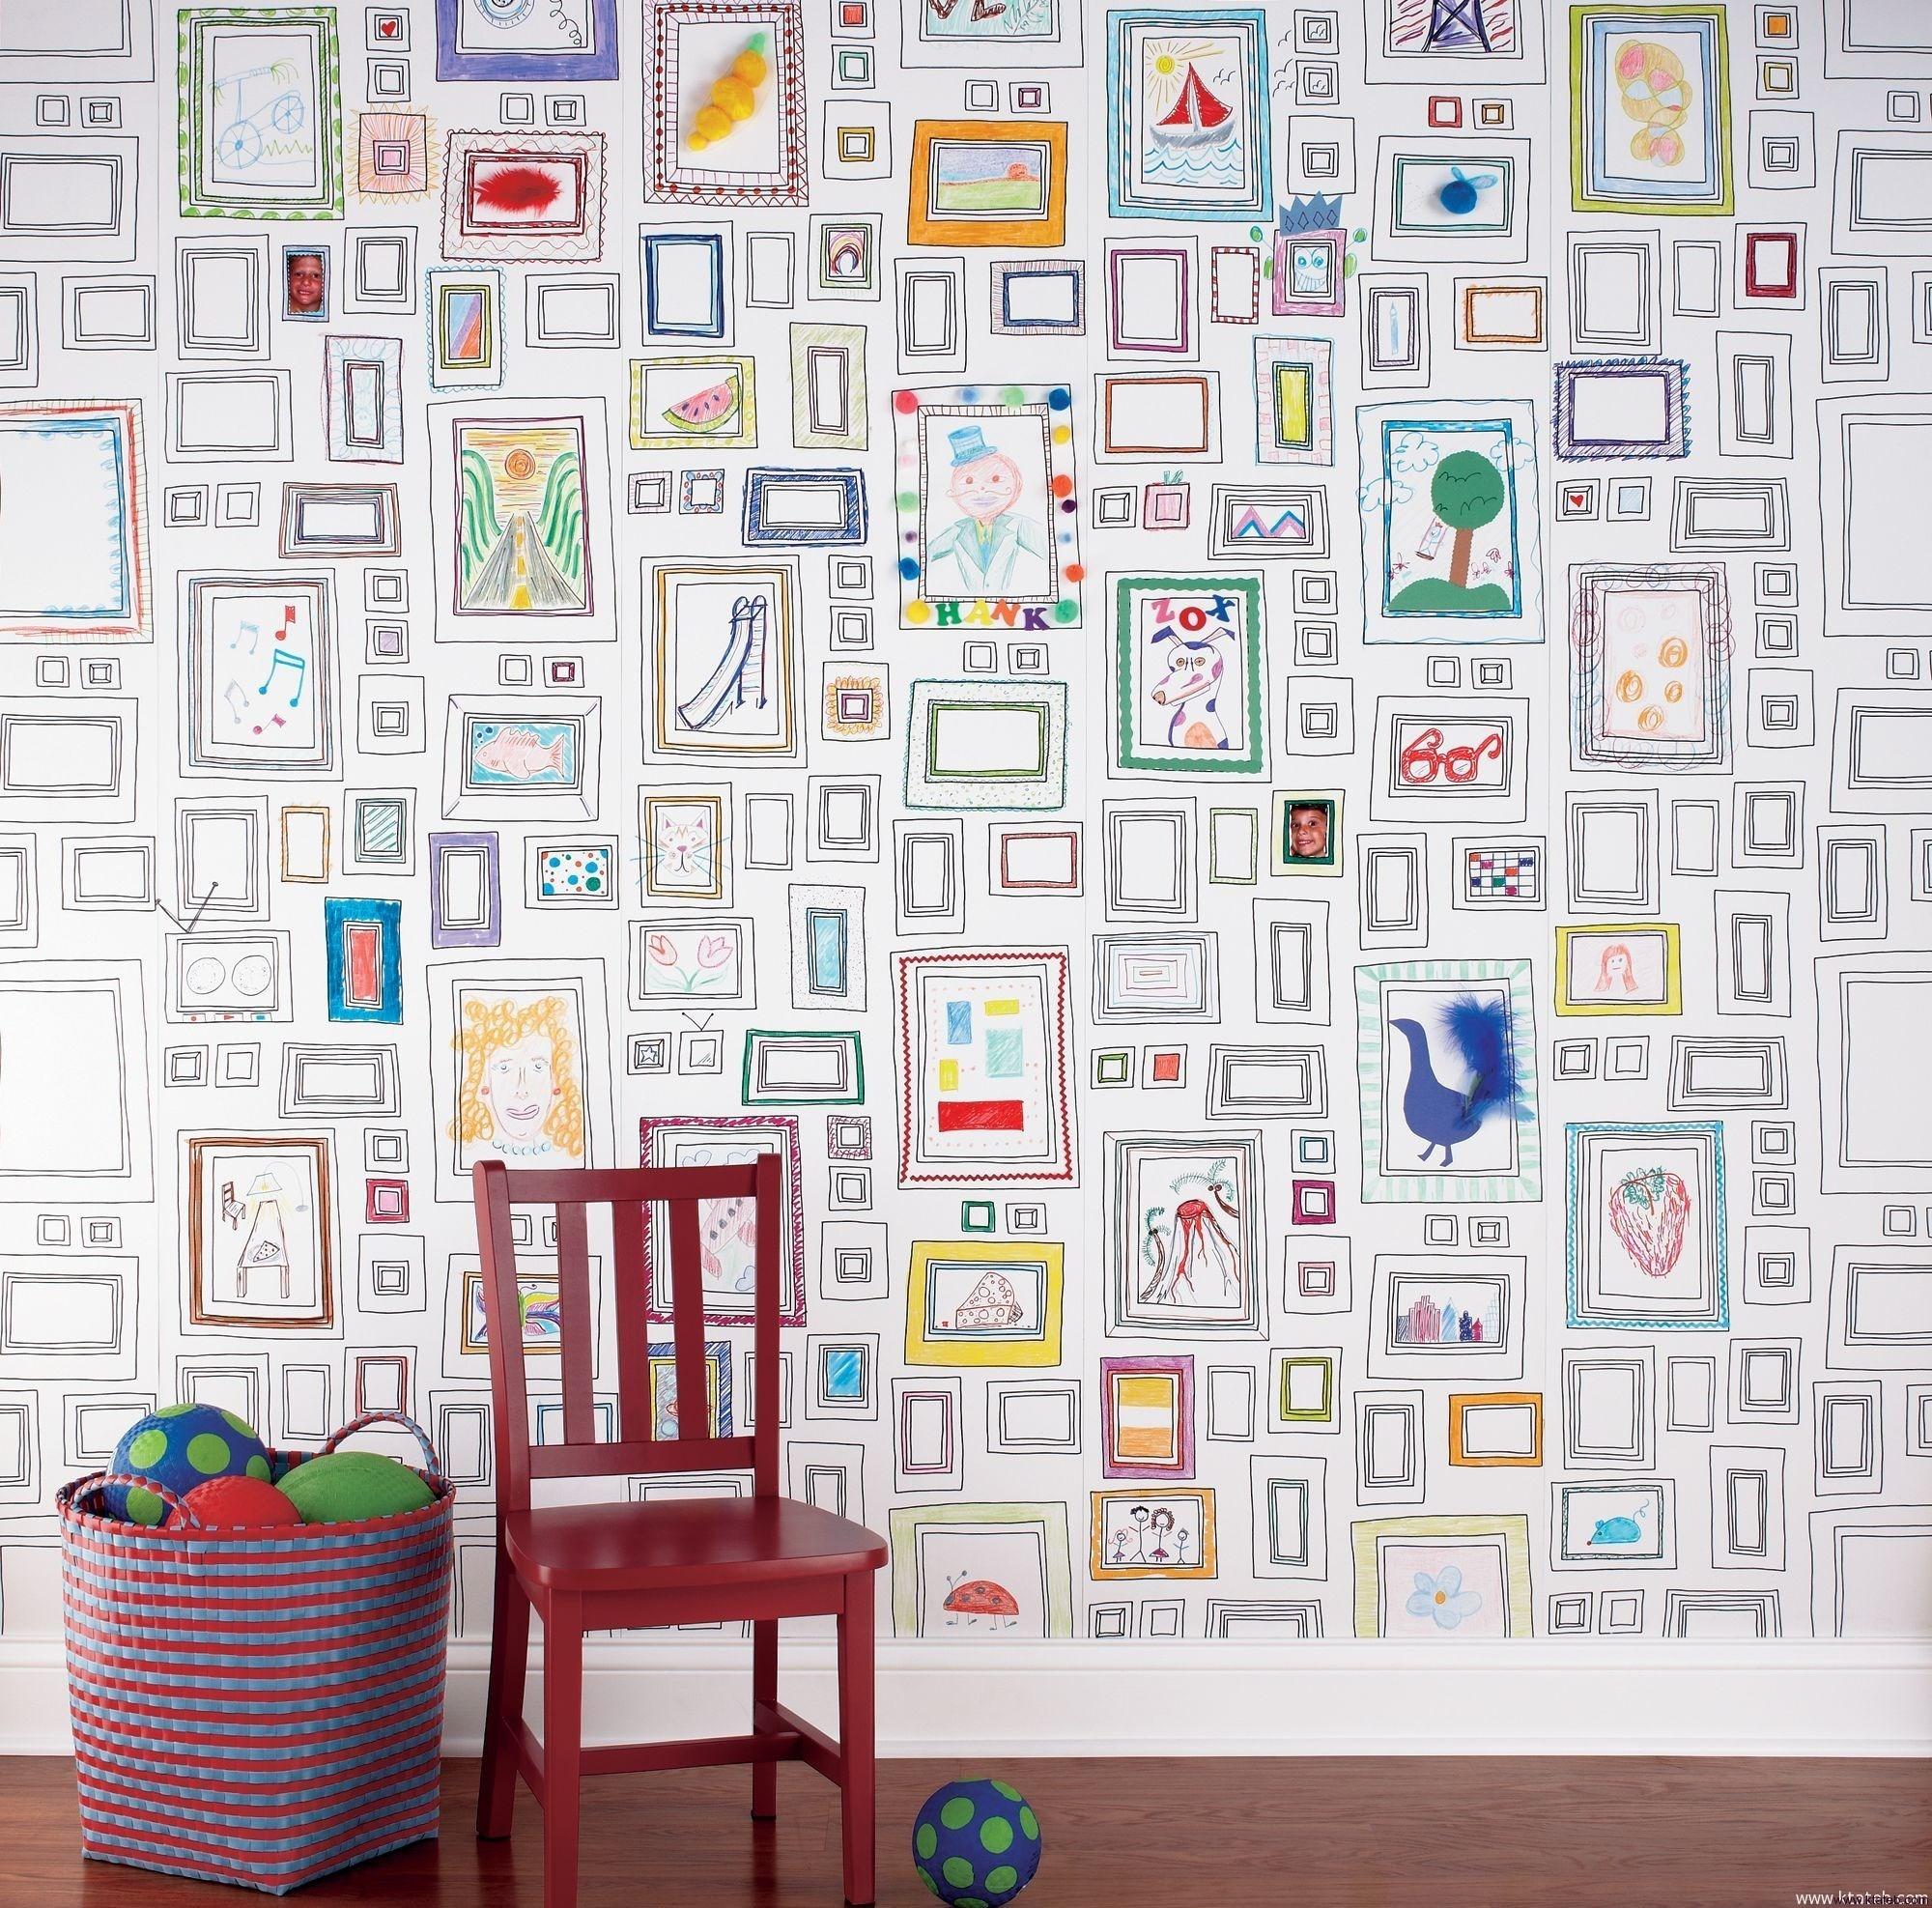 ورق-الحائط-كتاتيب-6